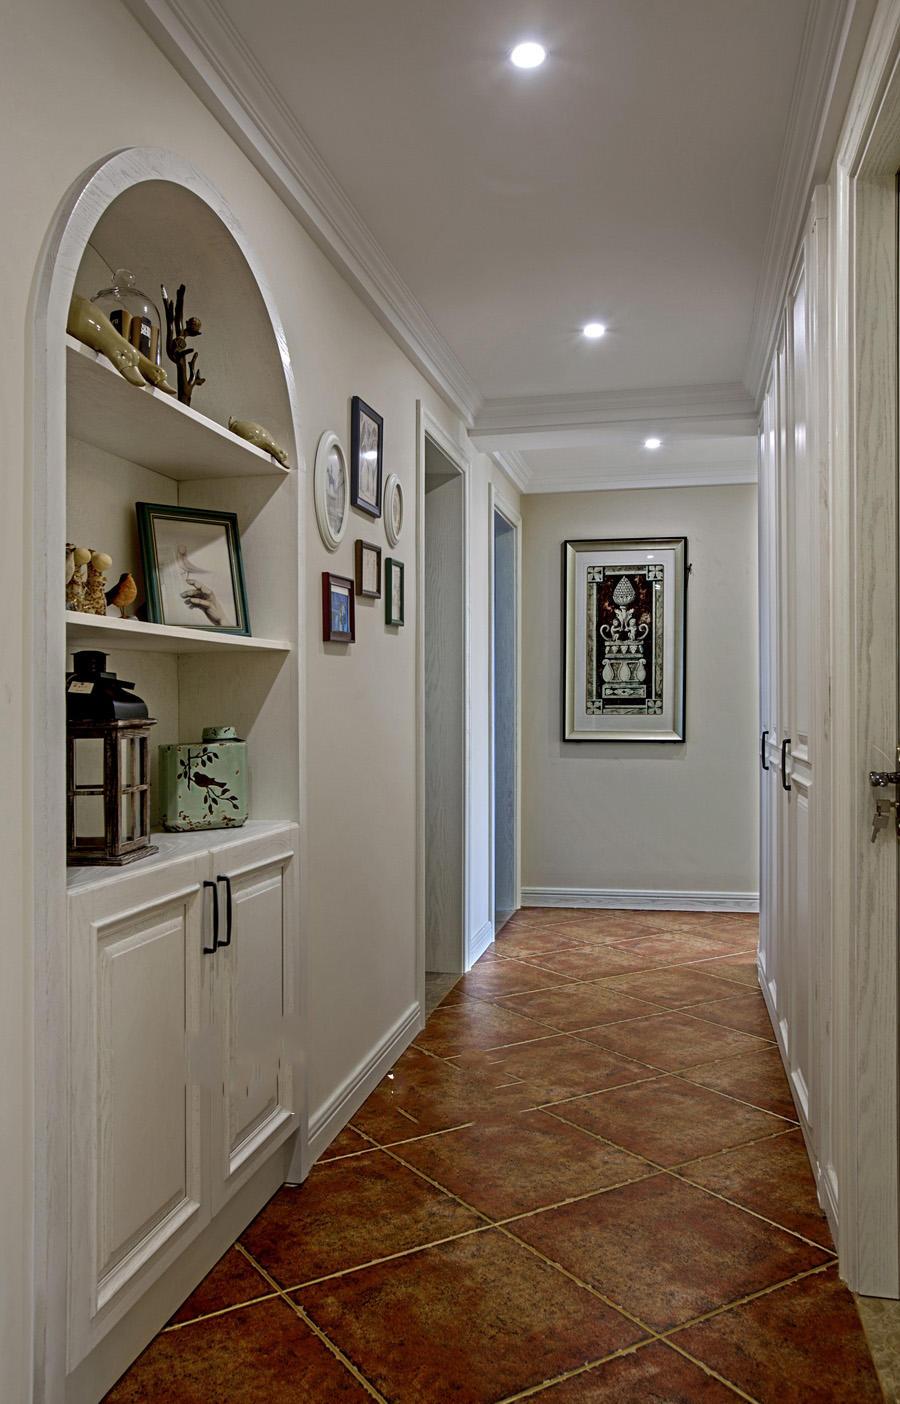 优雅美式设计室内过道照片墙效果图